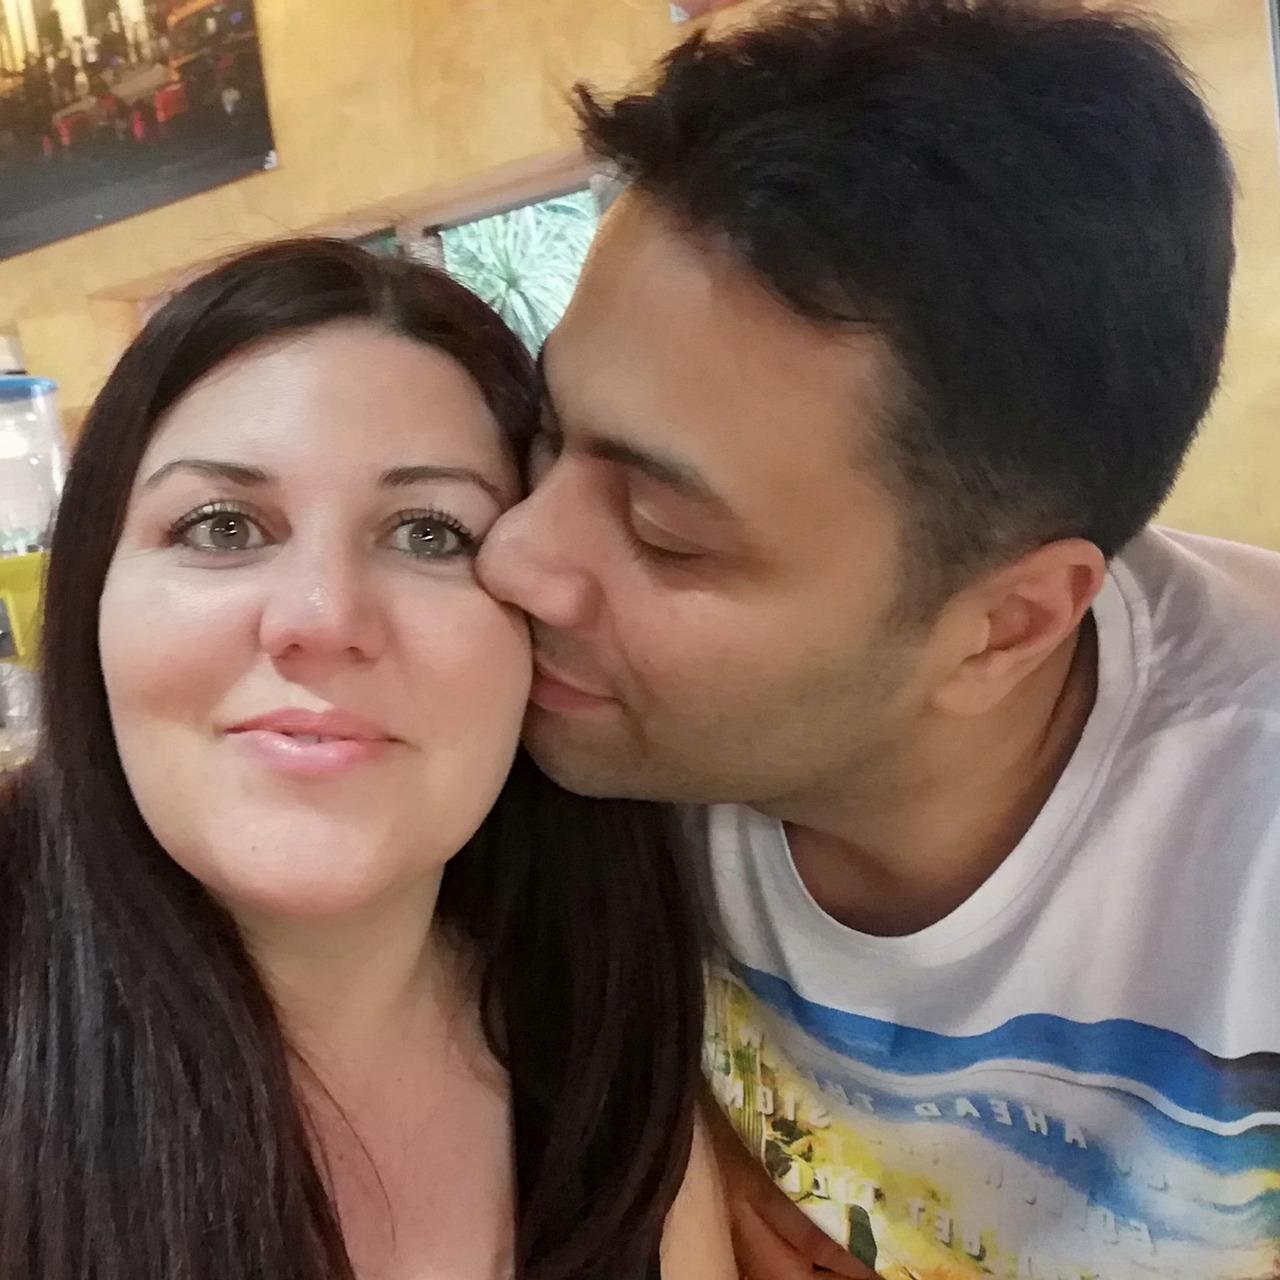 Eyemouth dating